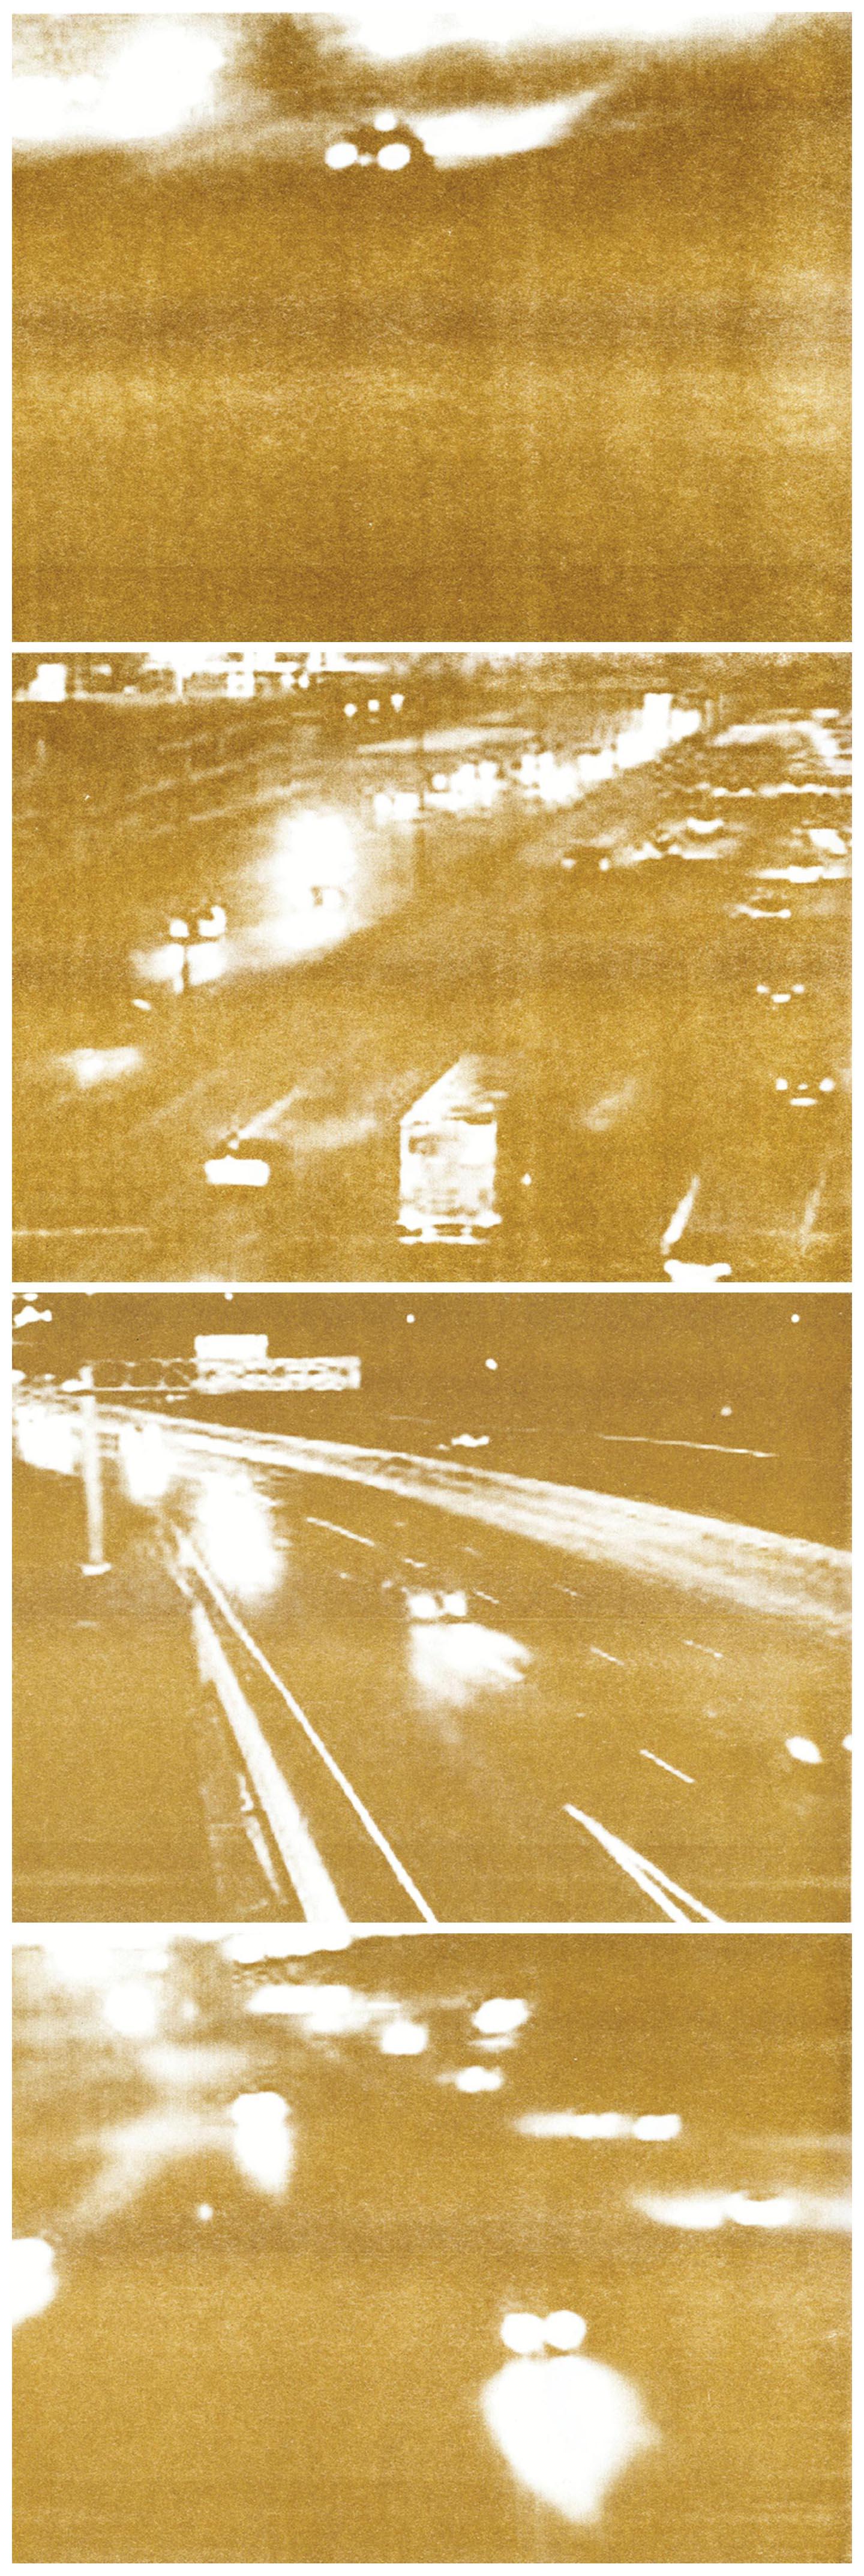 Kate Jarboe  - Heavy Traffic 1, 2, 5, 6